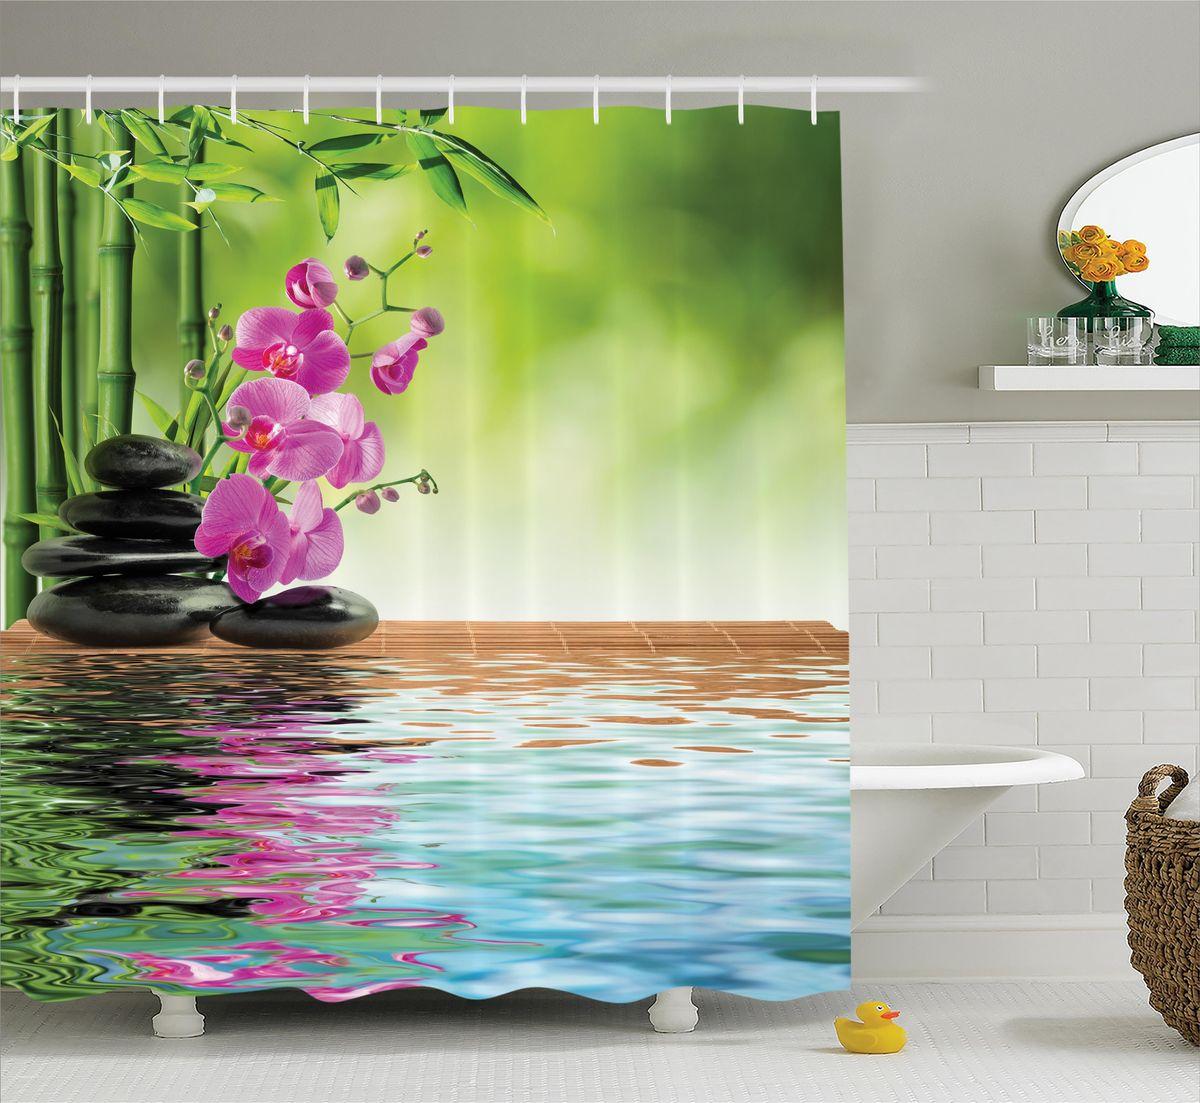 """Штора Magic Lady """"Орхидеи у воды"""", изготовленная из высококачественного сатена (полиэстер 100%), отлично дополнит любой интерьер ванной комнаты. При изготовлении используются специальные гипоаллергенные чернила для прямой печати по ткани, безопасные для человека.    В комплекте: 1 штора, 12 крючков. Обращаем ваше внимание, фактический цвет изделия может незначительно отличаться от представленного на фото."""